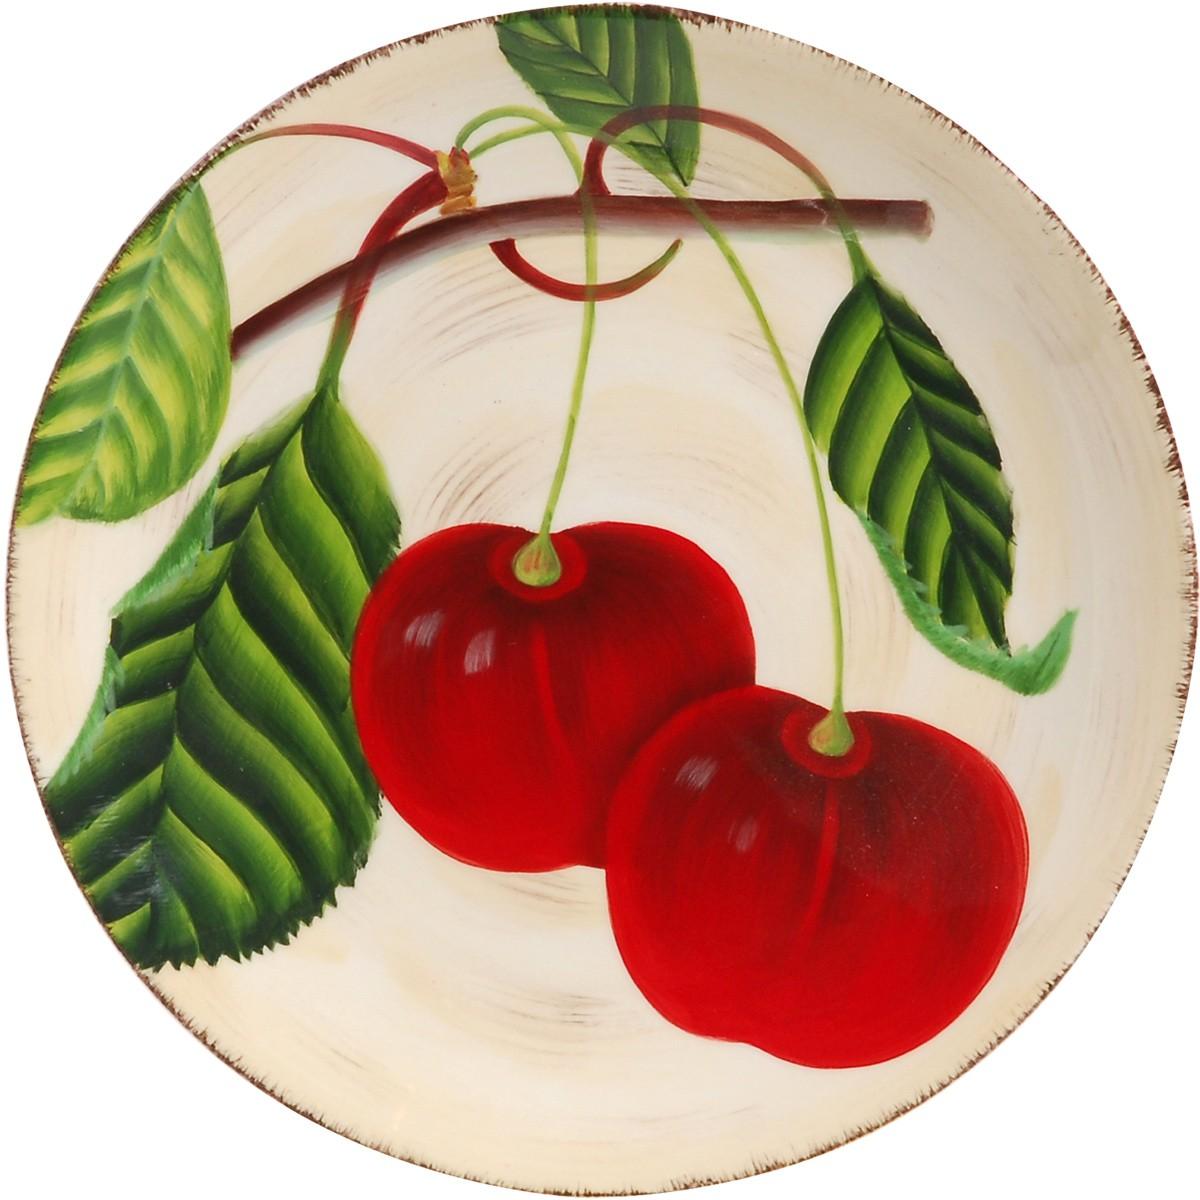 Πιάτο Φαγητού Ρηχό Home Design Κεράσι CHU3213622 home   κουζίνα   τραπεζαρία   πιάτα μπωλ